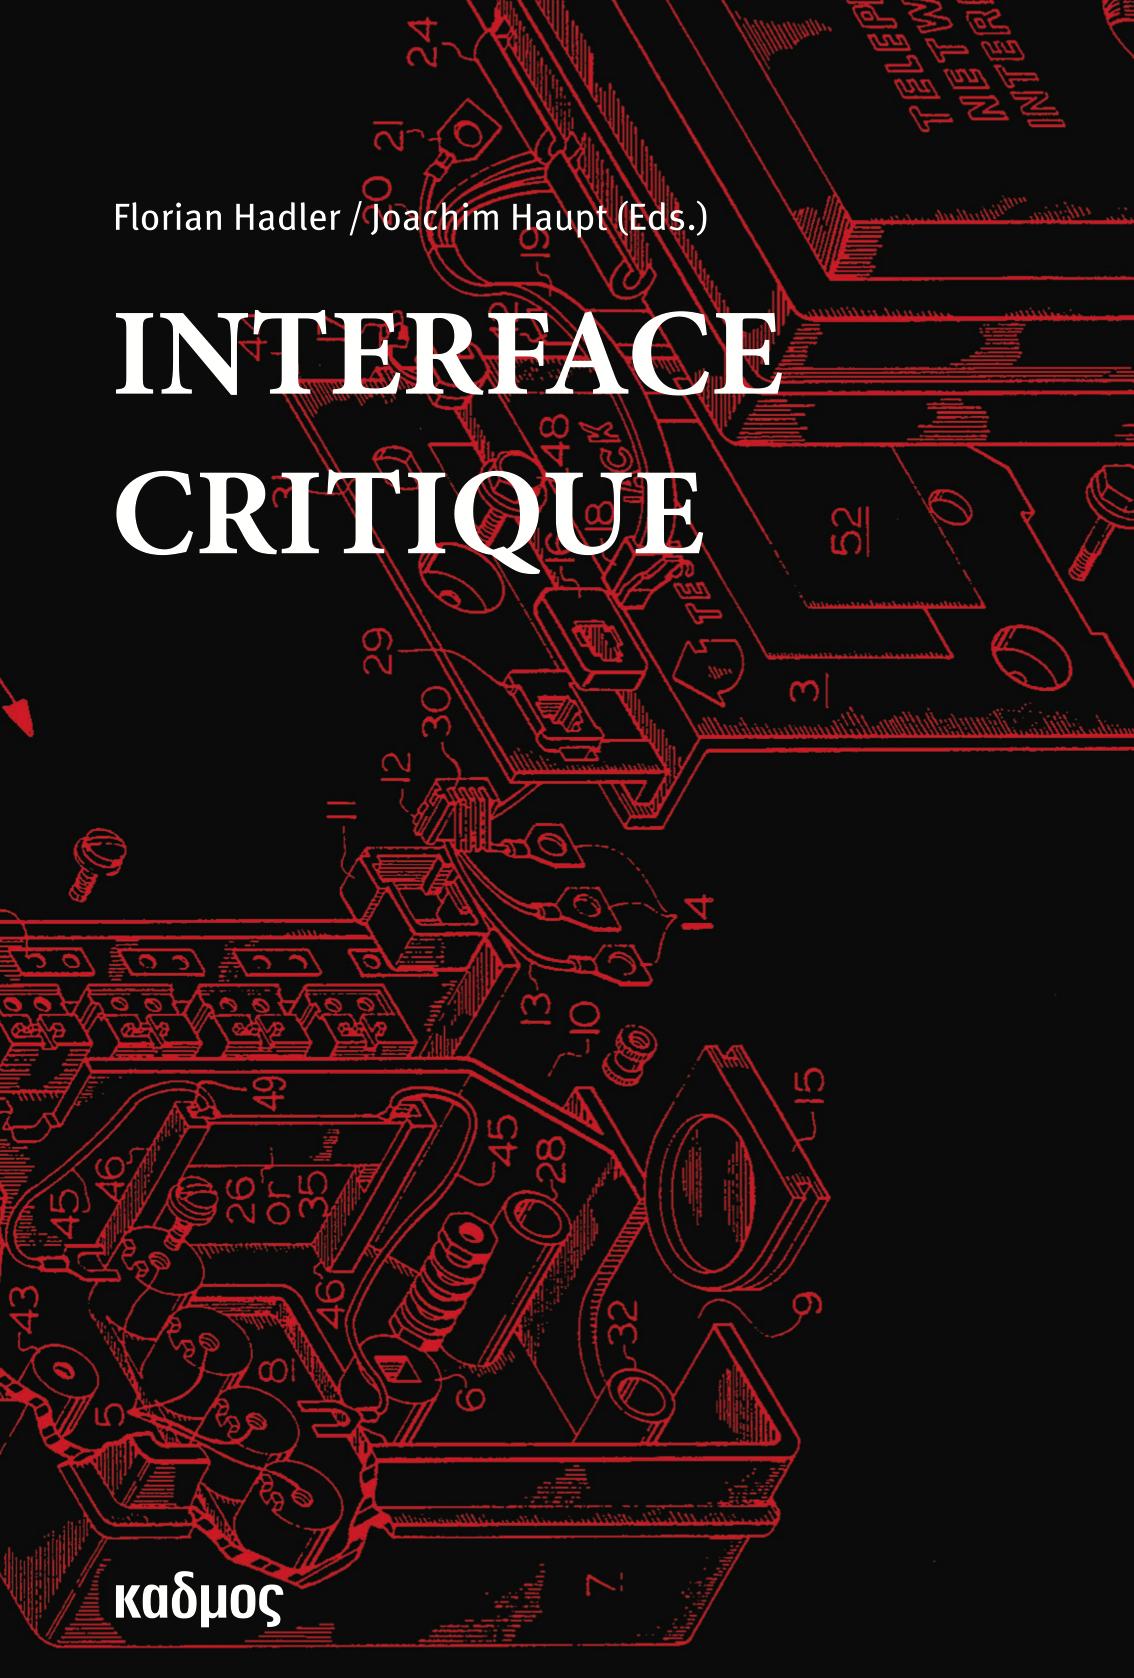 INTERFACE CRITIQUE book